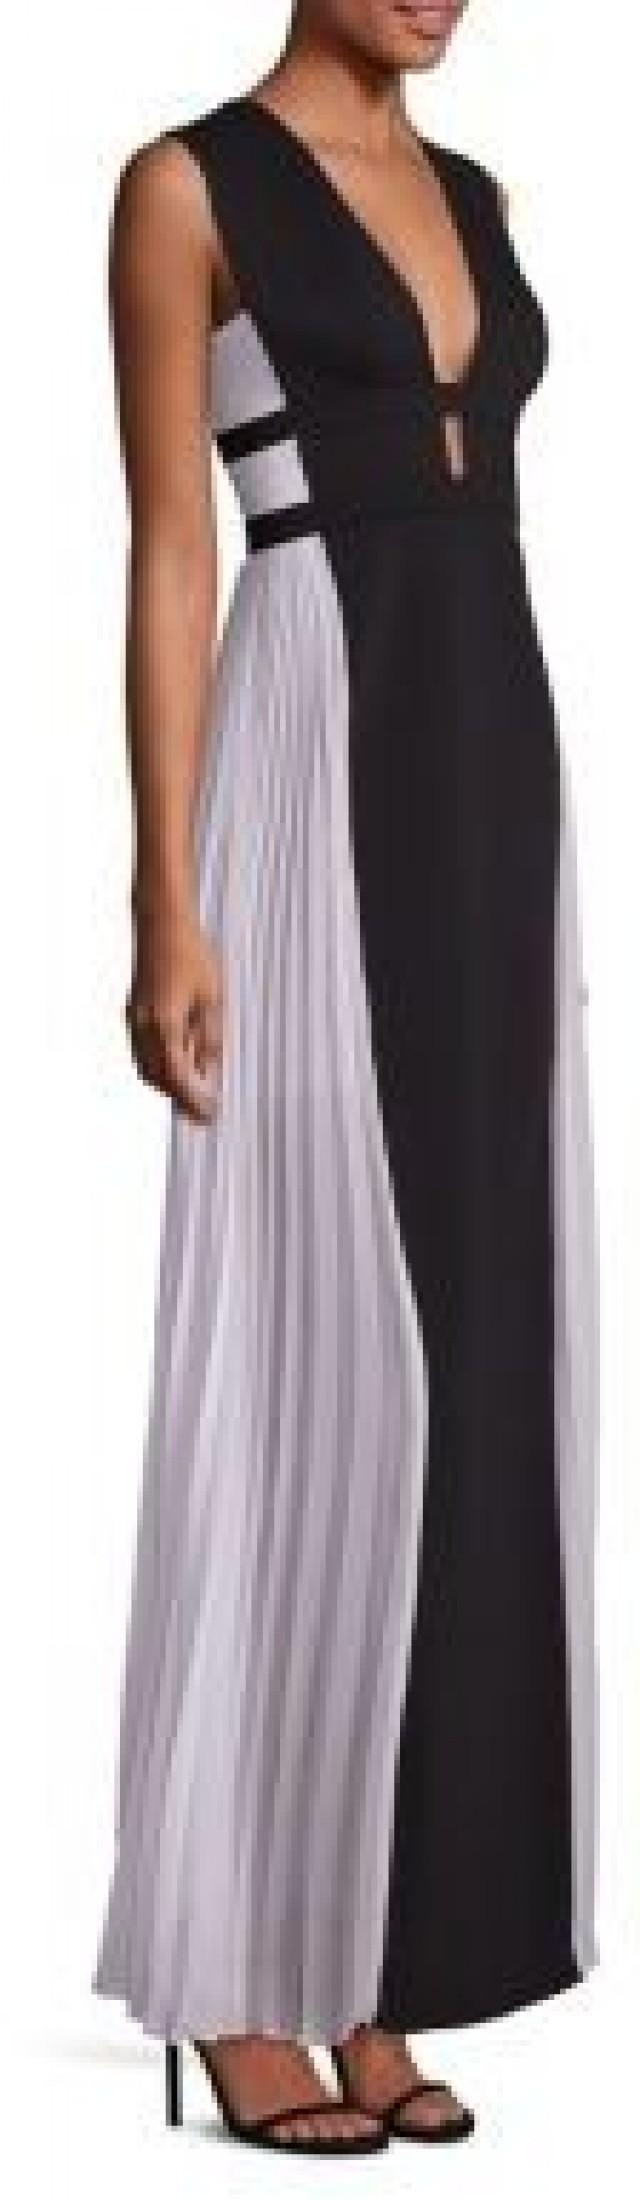 BCBGMAXAZRIA Gowns